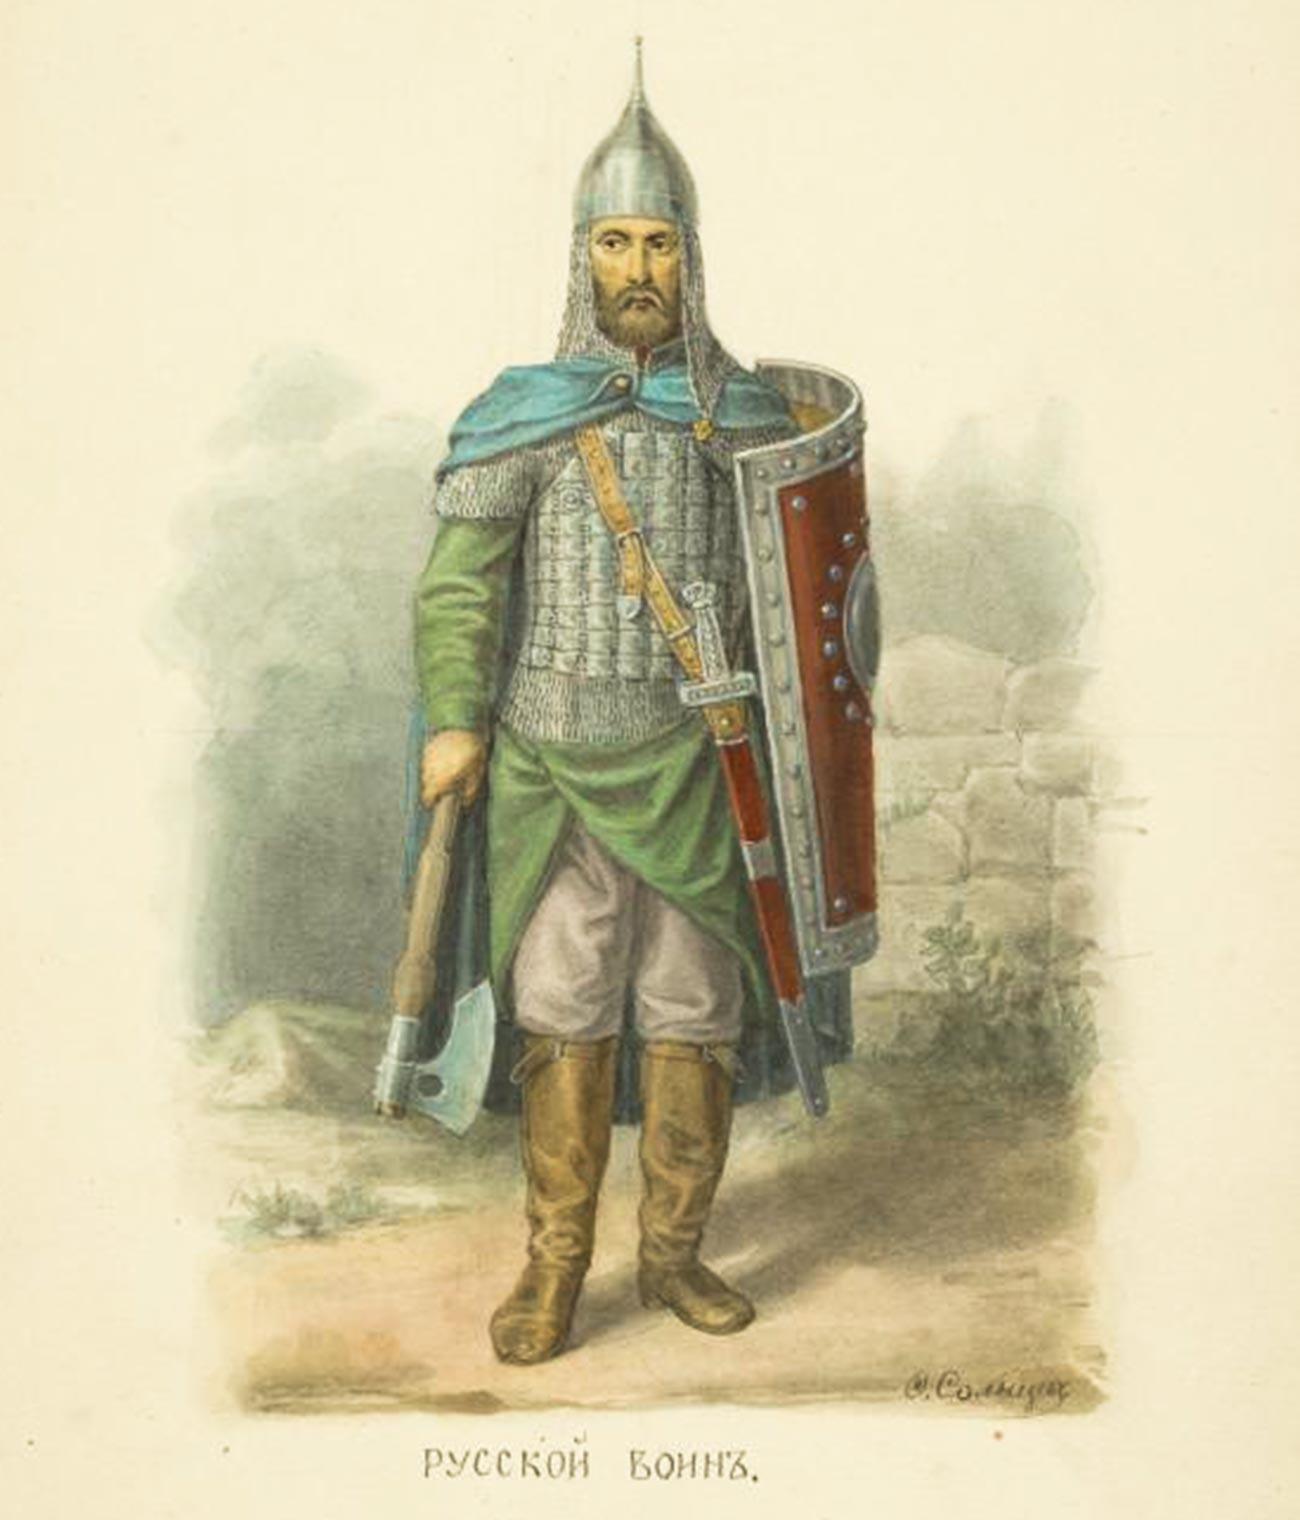 Représentation d'un ancien guerrier russe